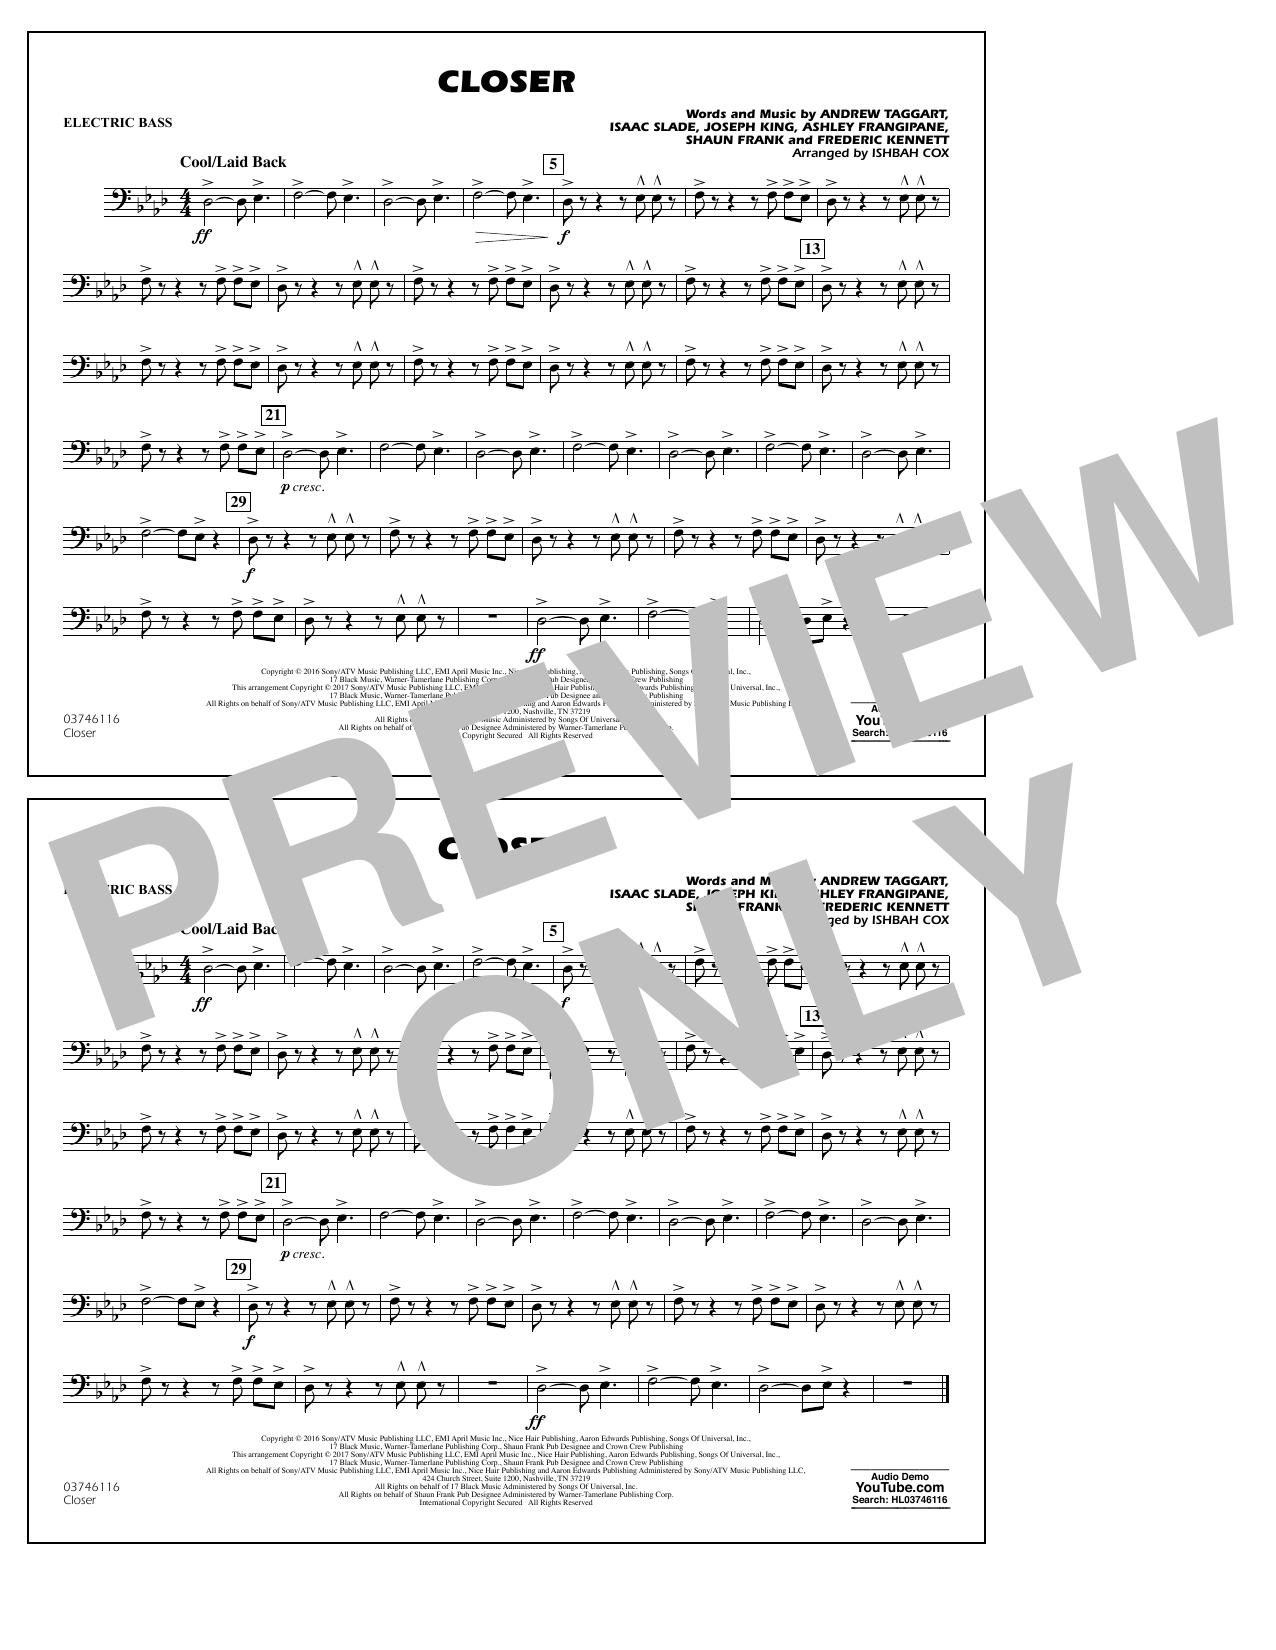 Closer - Electric Bass Sheet Music